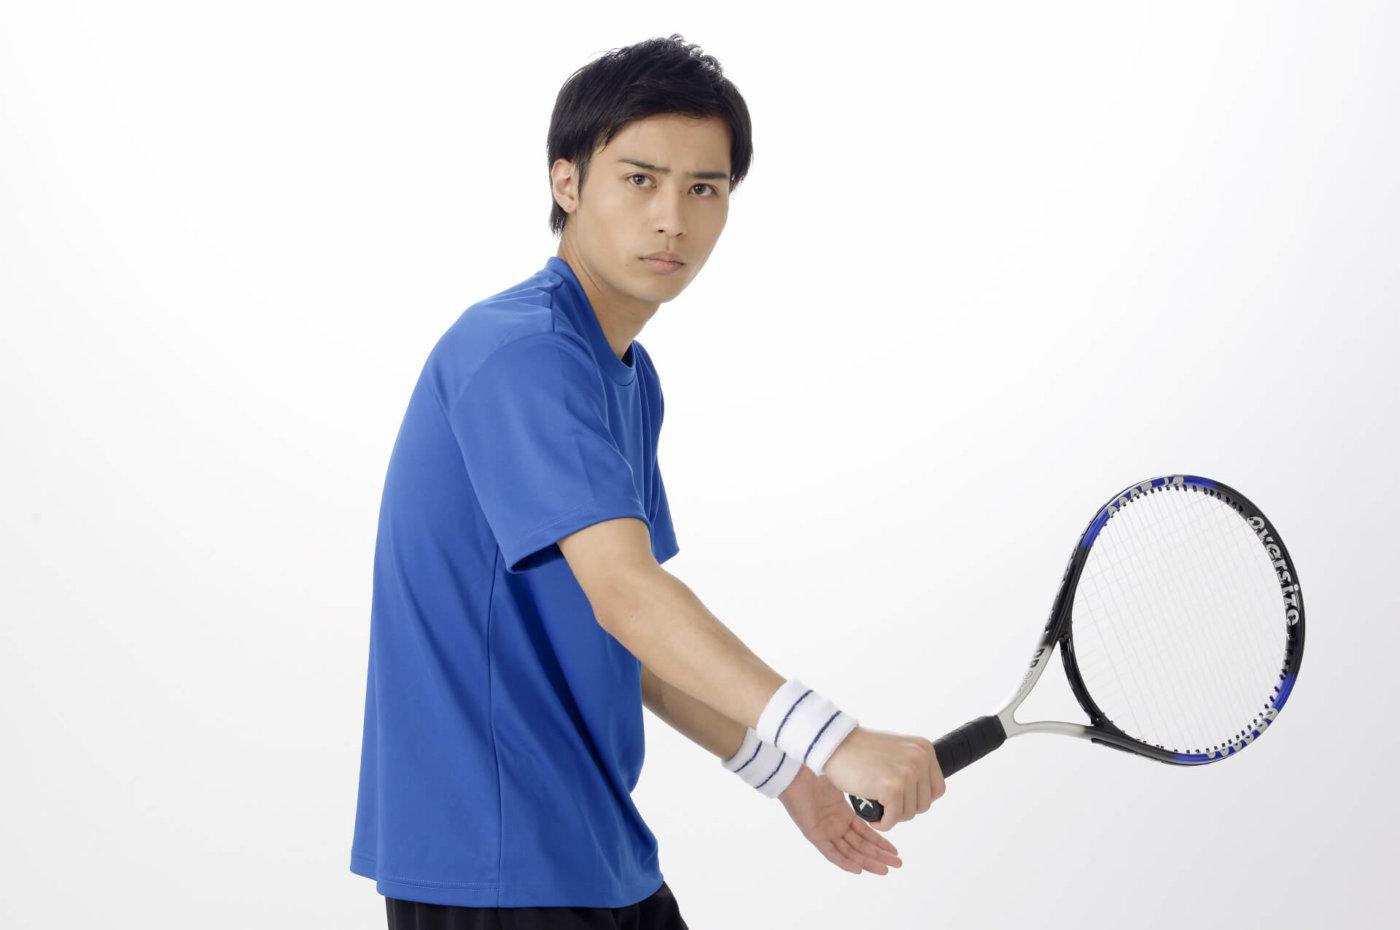 オフでもできる!テニスのフォームのトレーニング法!